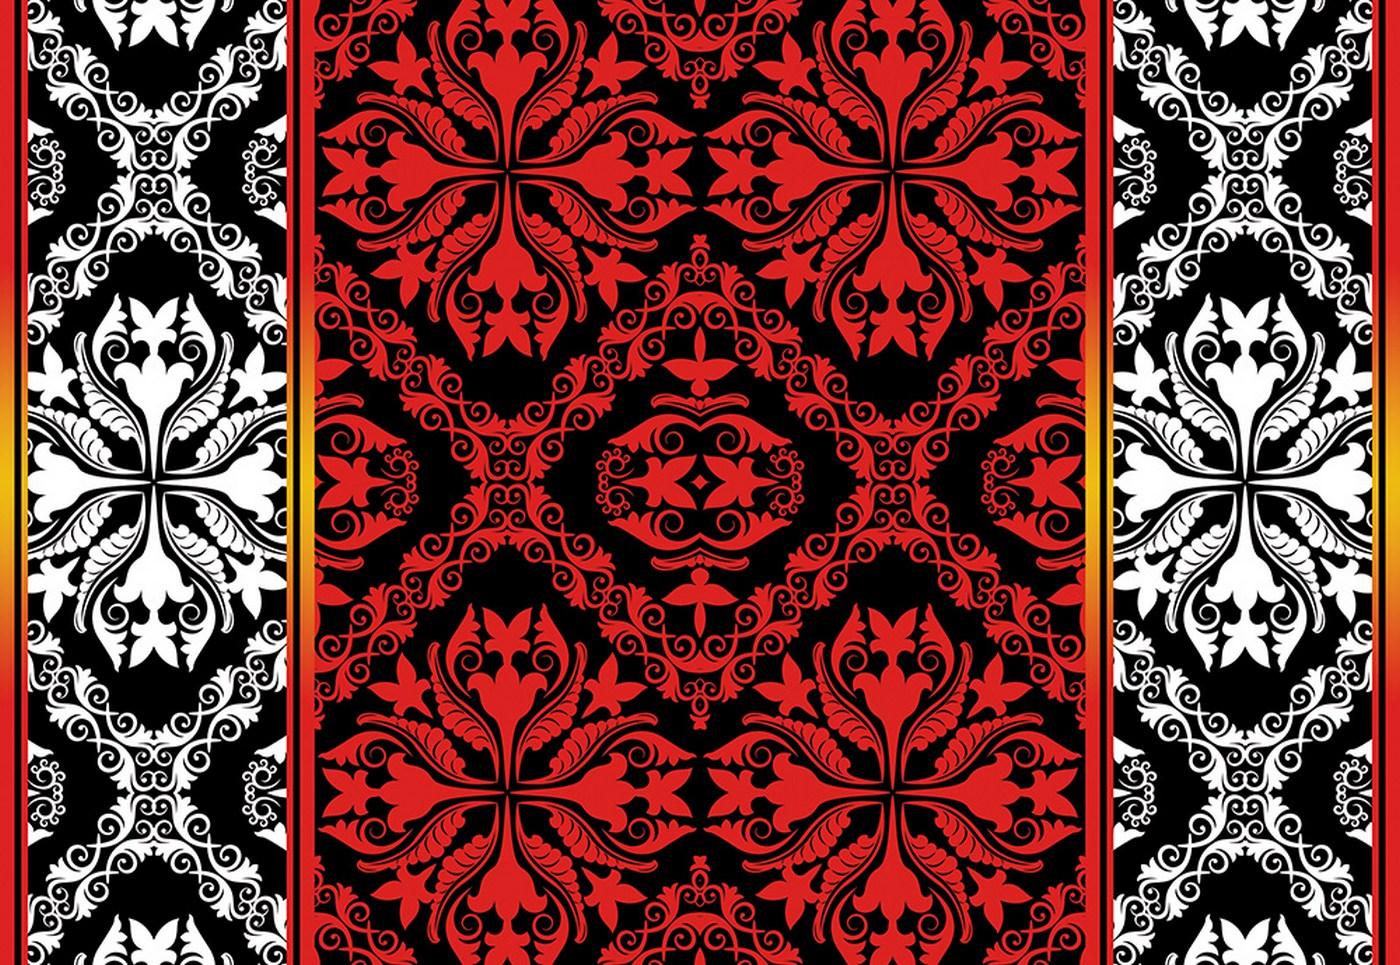 vlies fototapete 1851 ornamente tapete vektorgrafik muster rot - Tapete Rot Muster